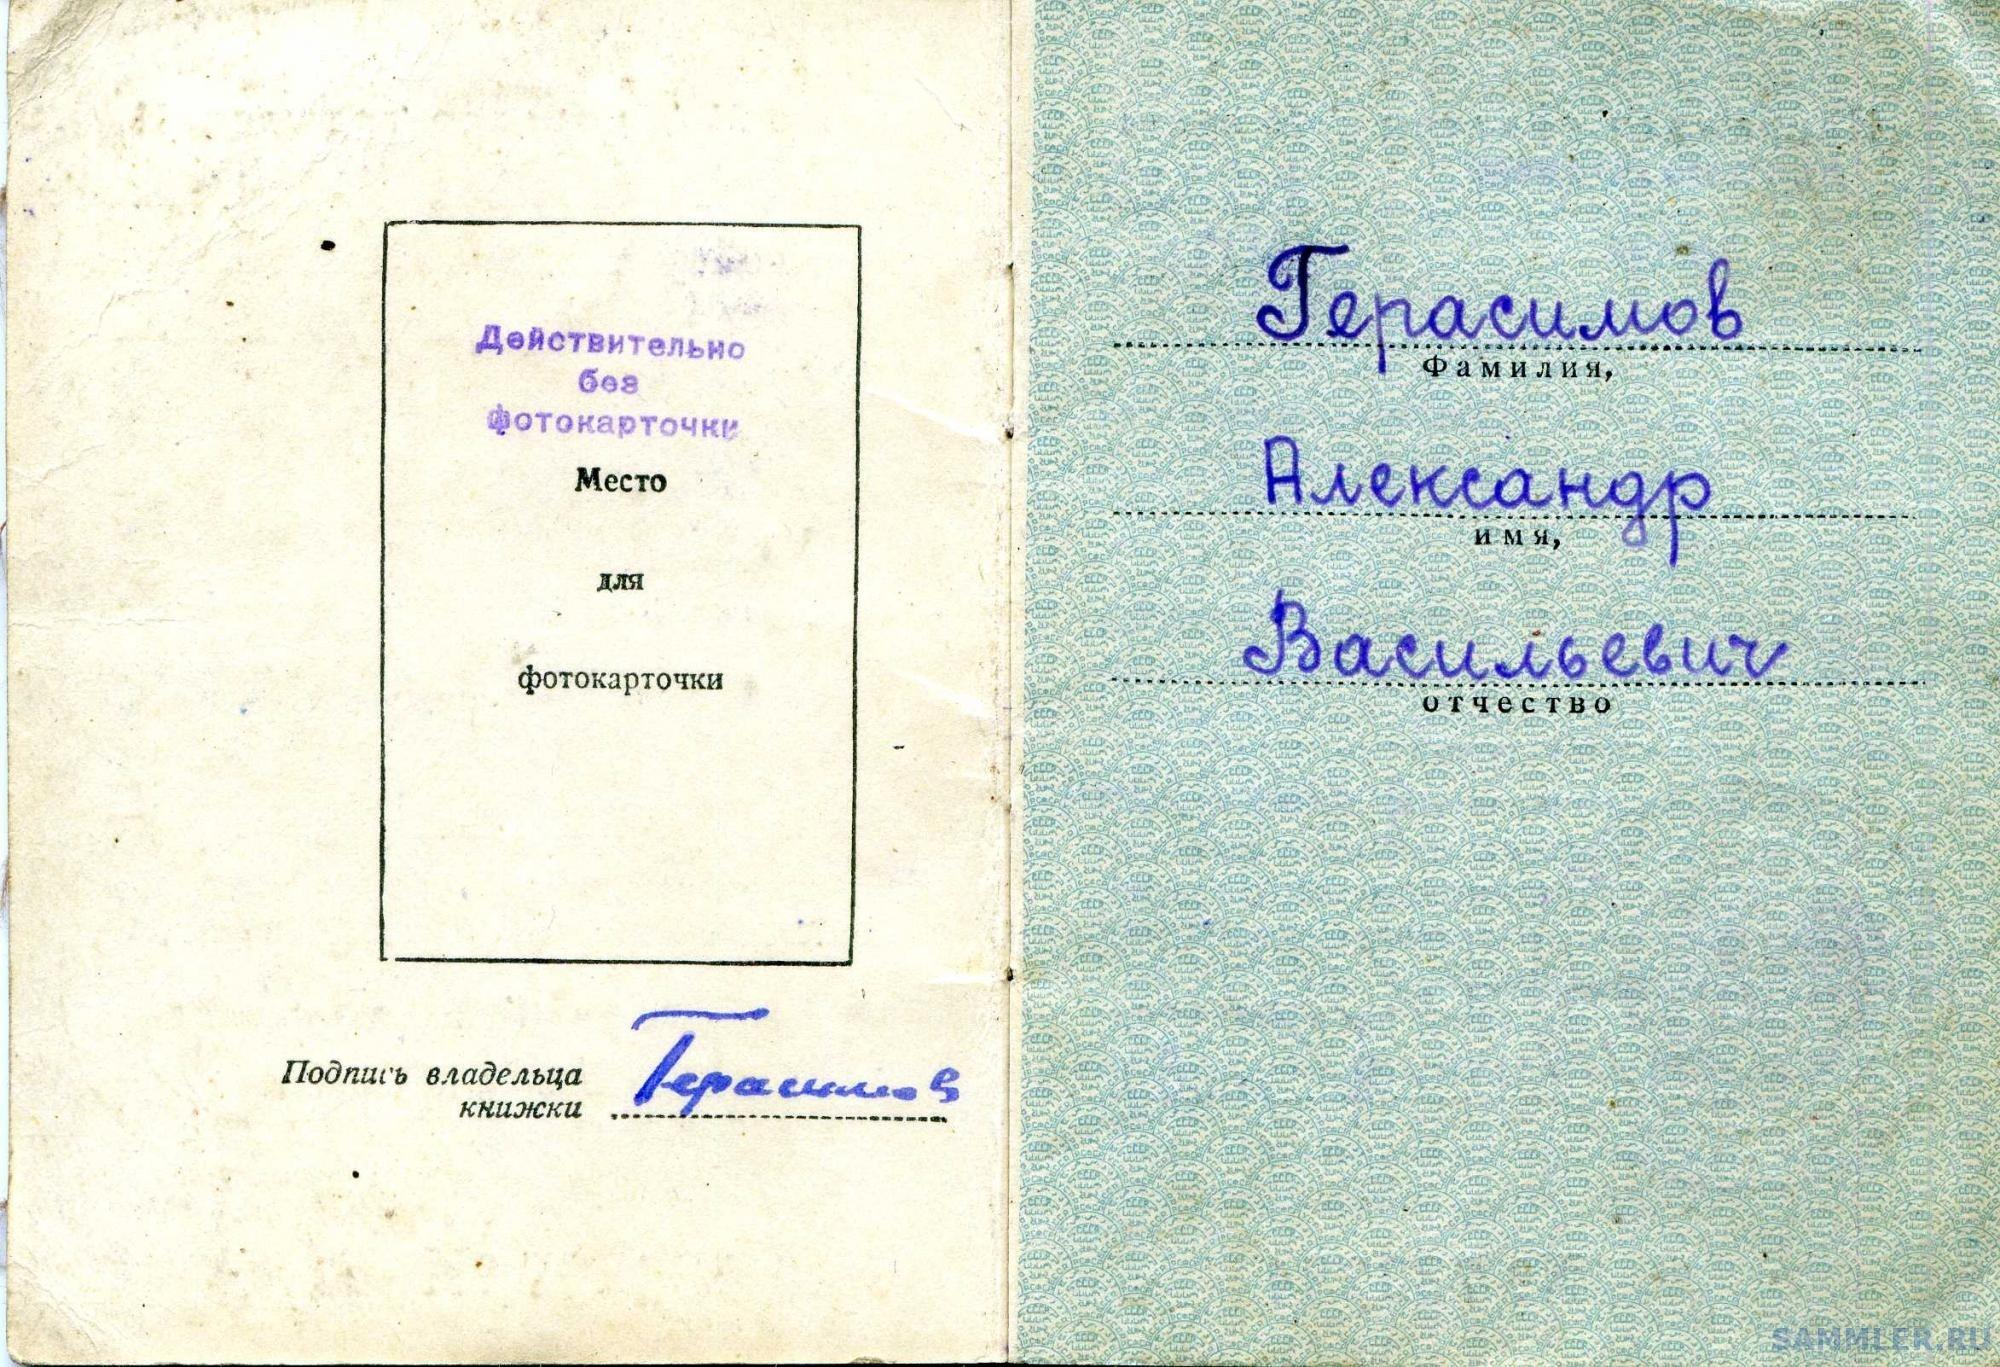 орденск-кн _ Герасимов АВ_ 1946_ 002.jpg